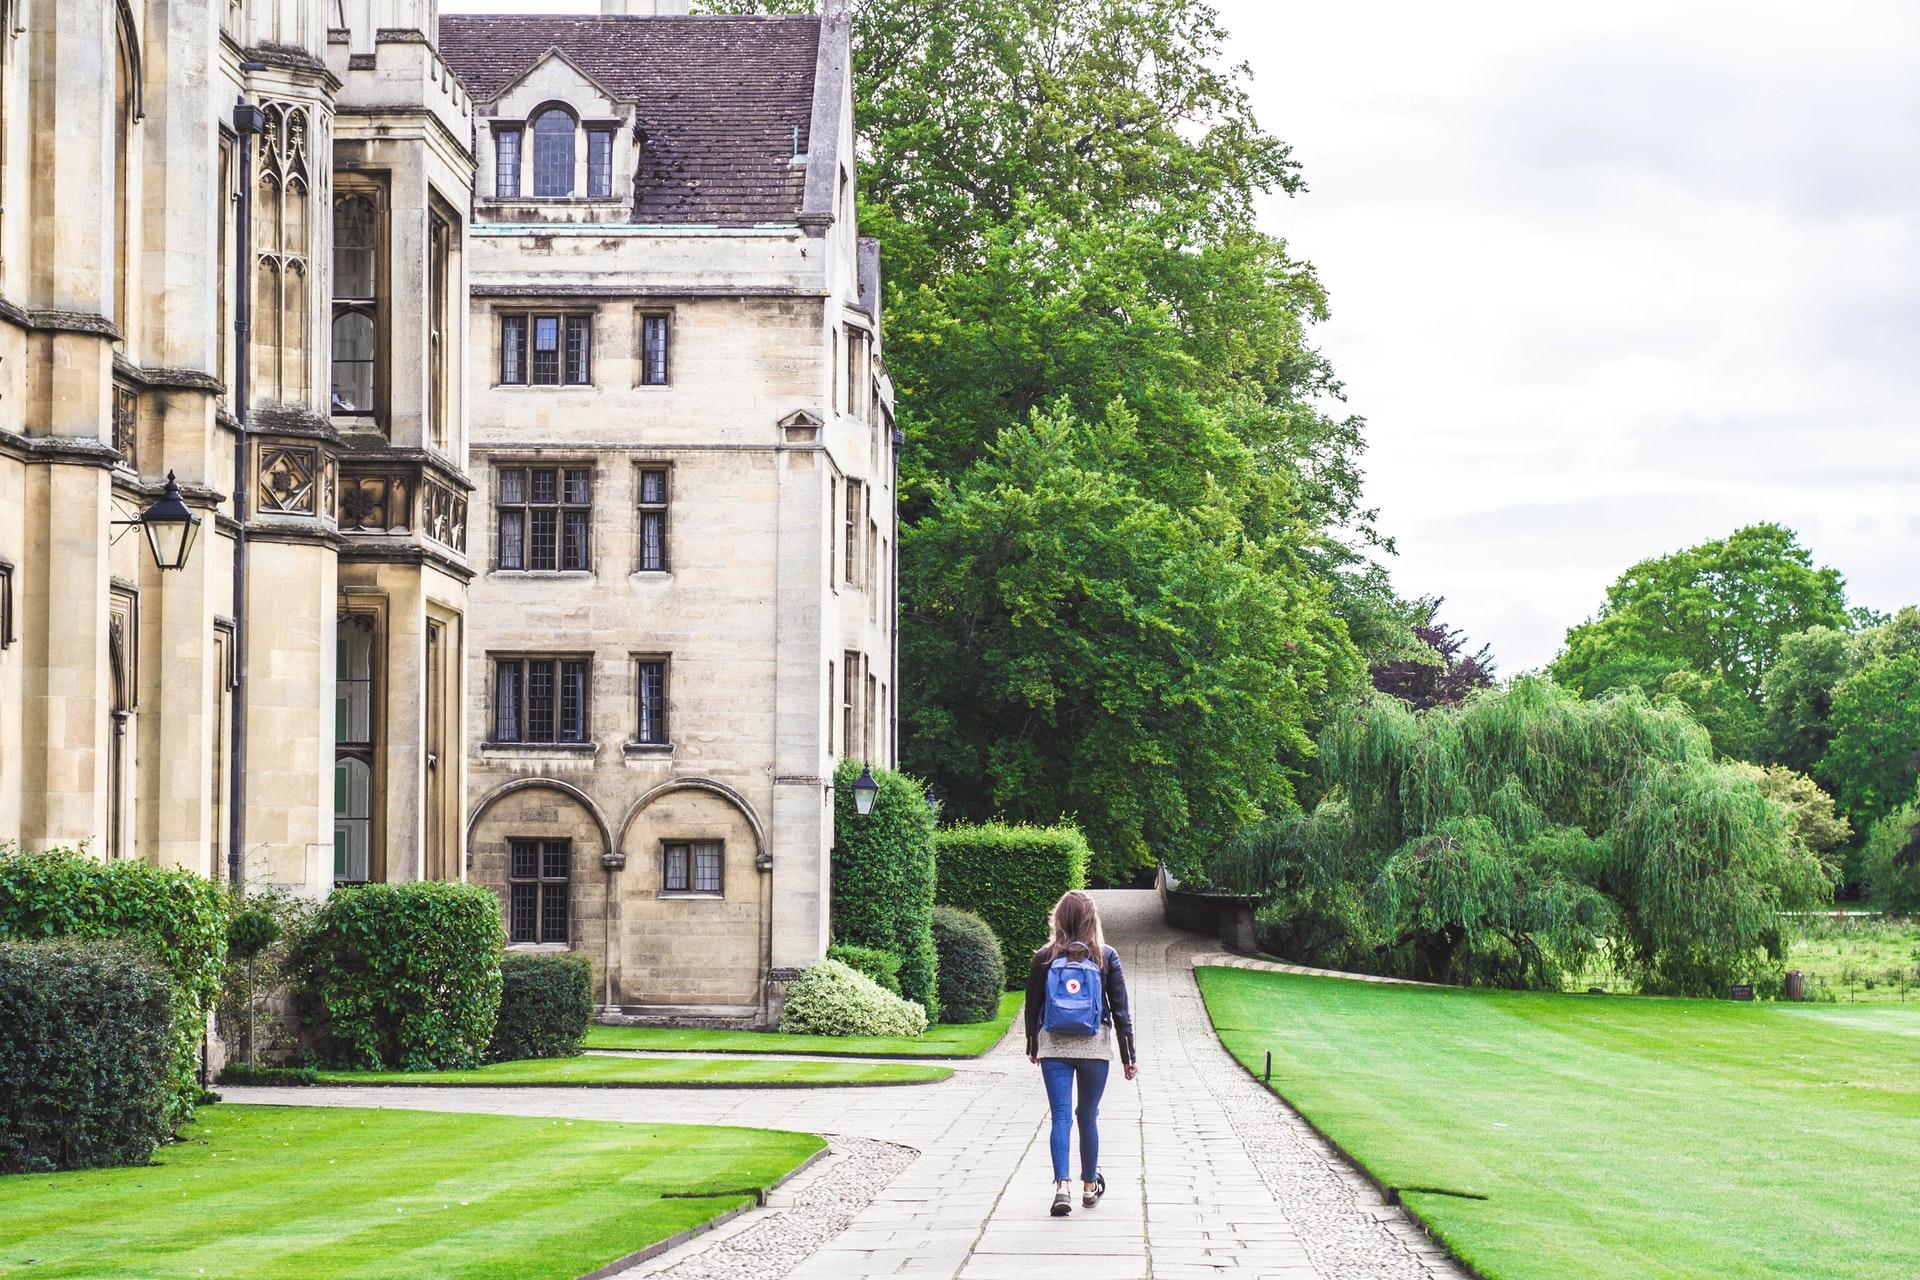 英国の名門大学クライスツ・カレッジ(ケンブリッジ大学)